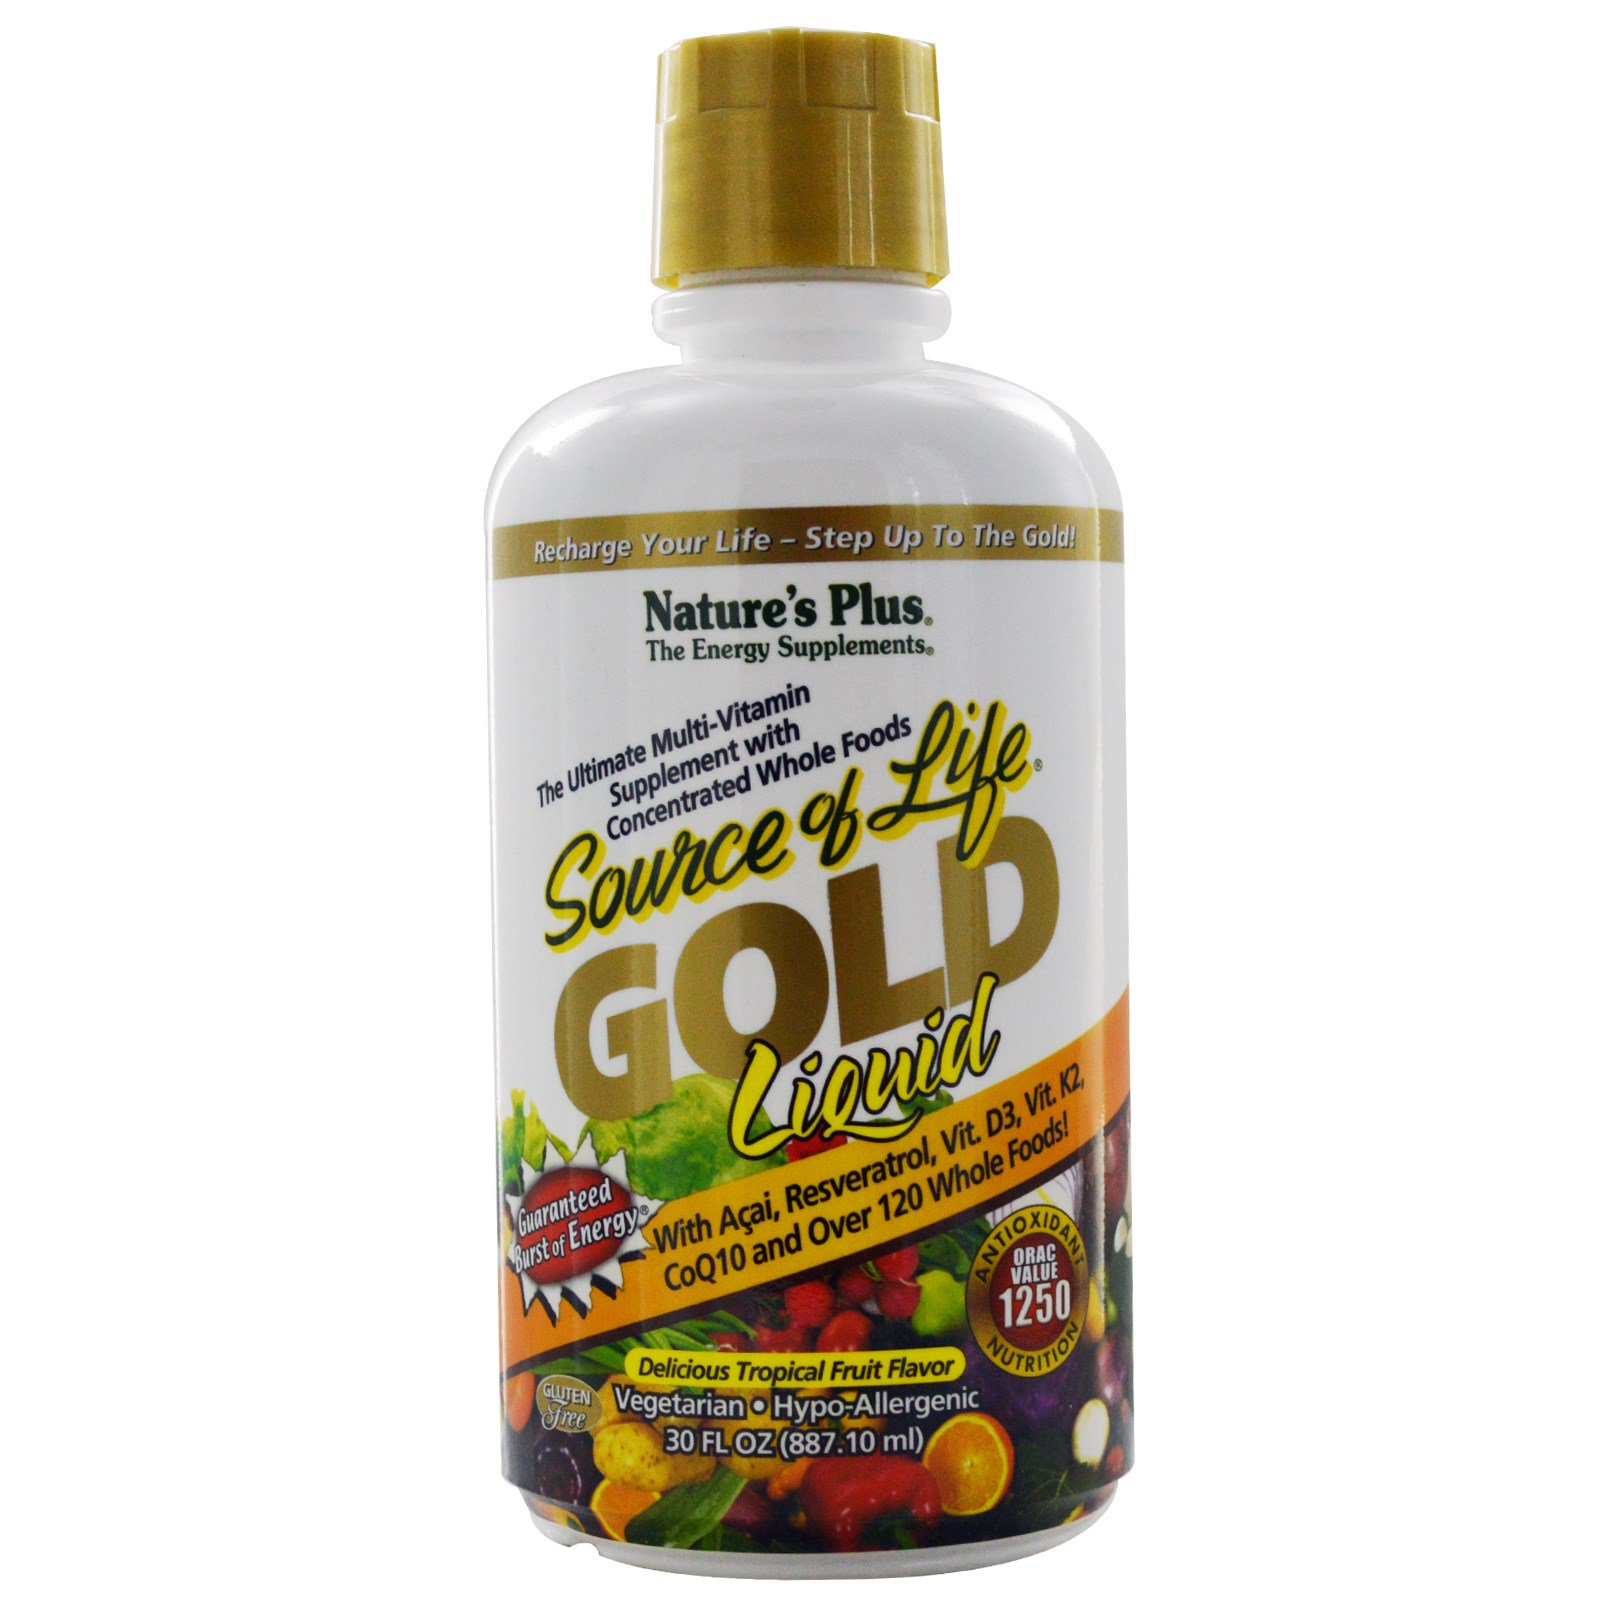 Gold Liquid, Delicious Tropical Fruit Flavor (887 ml) Nature apos s Plus Nature apos s Plus